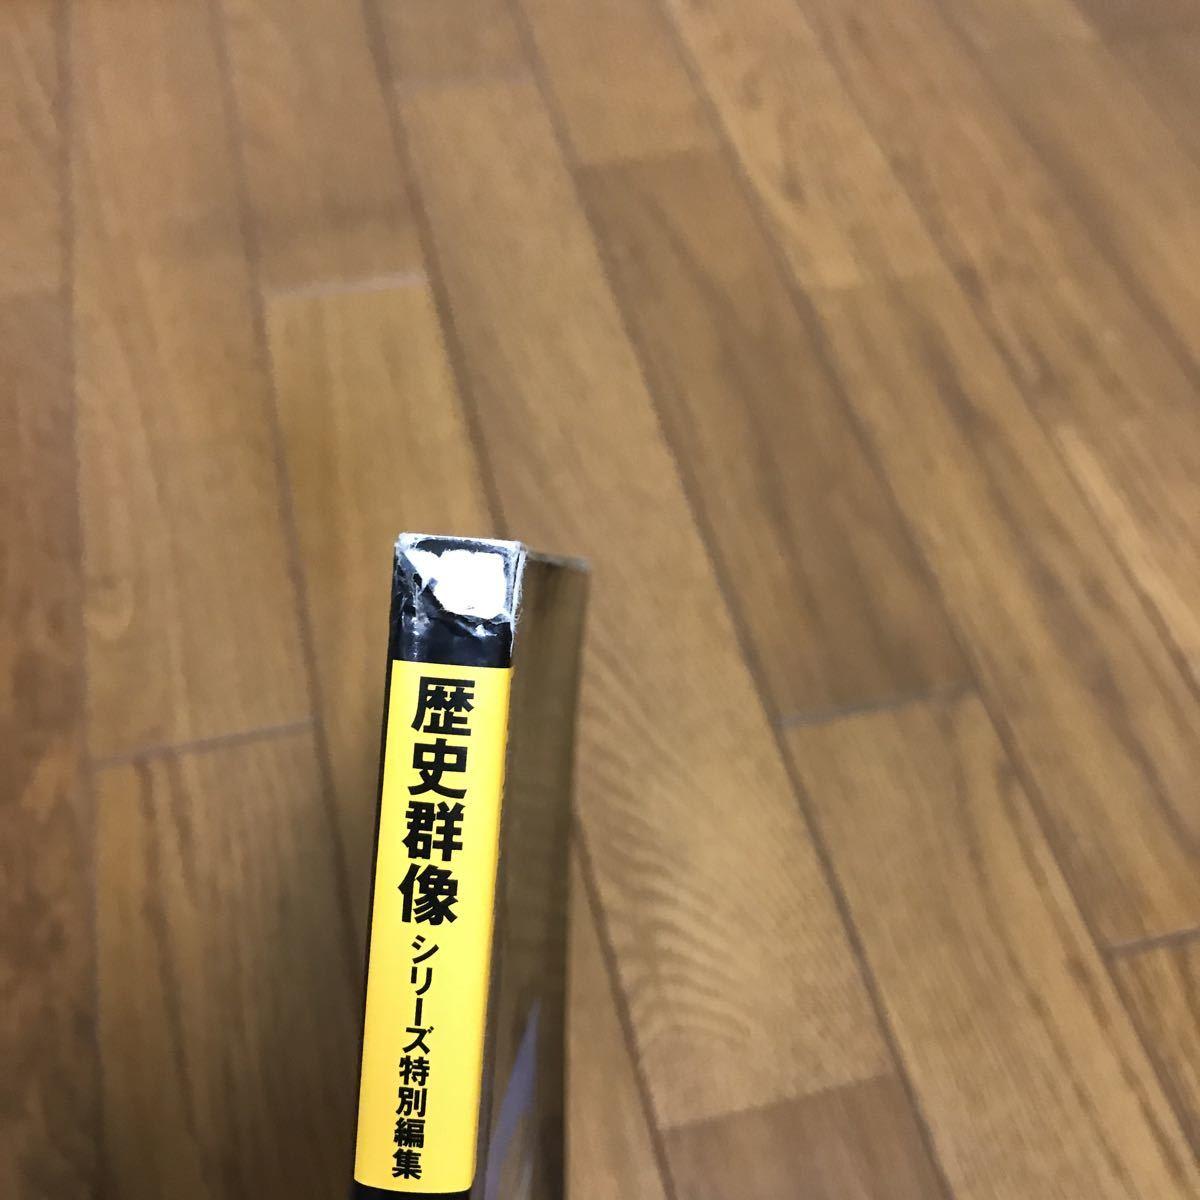 歴史群像 シリーズ特別編集 図説 日本名城集 学研 戦国時代 戦国武将_画像3